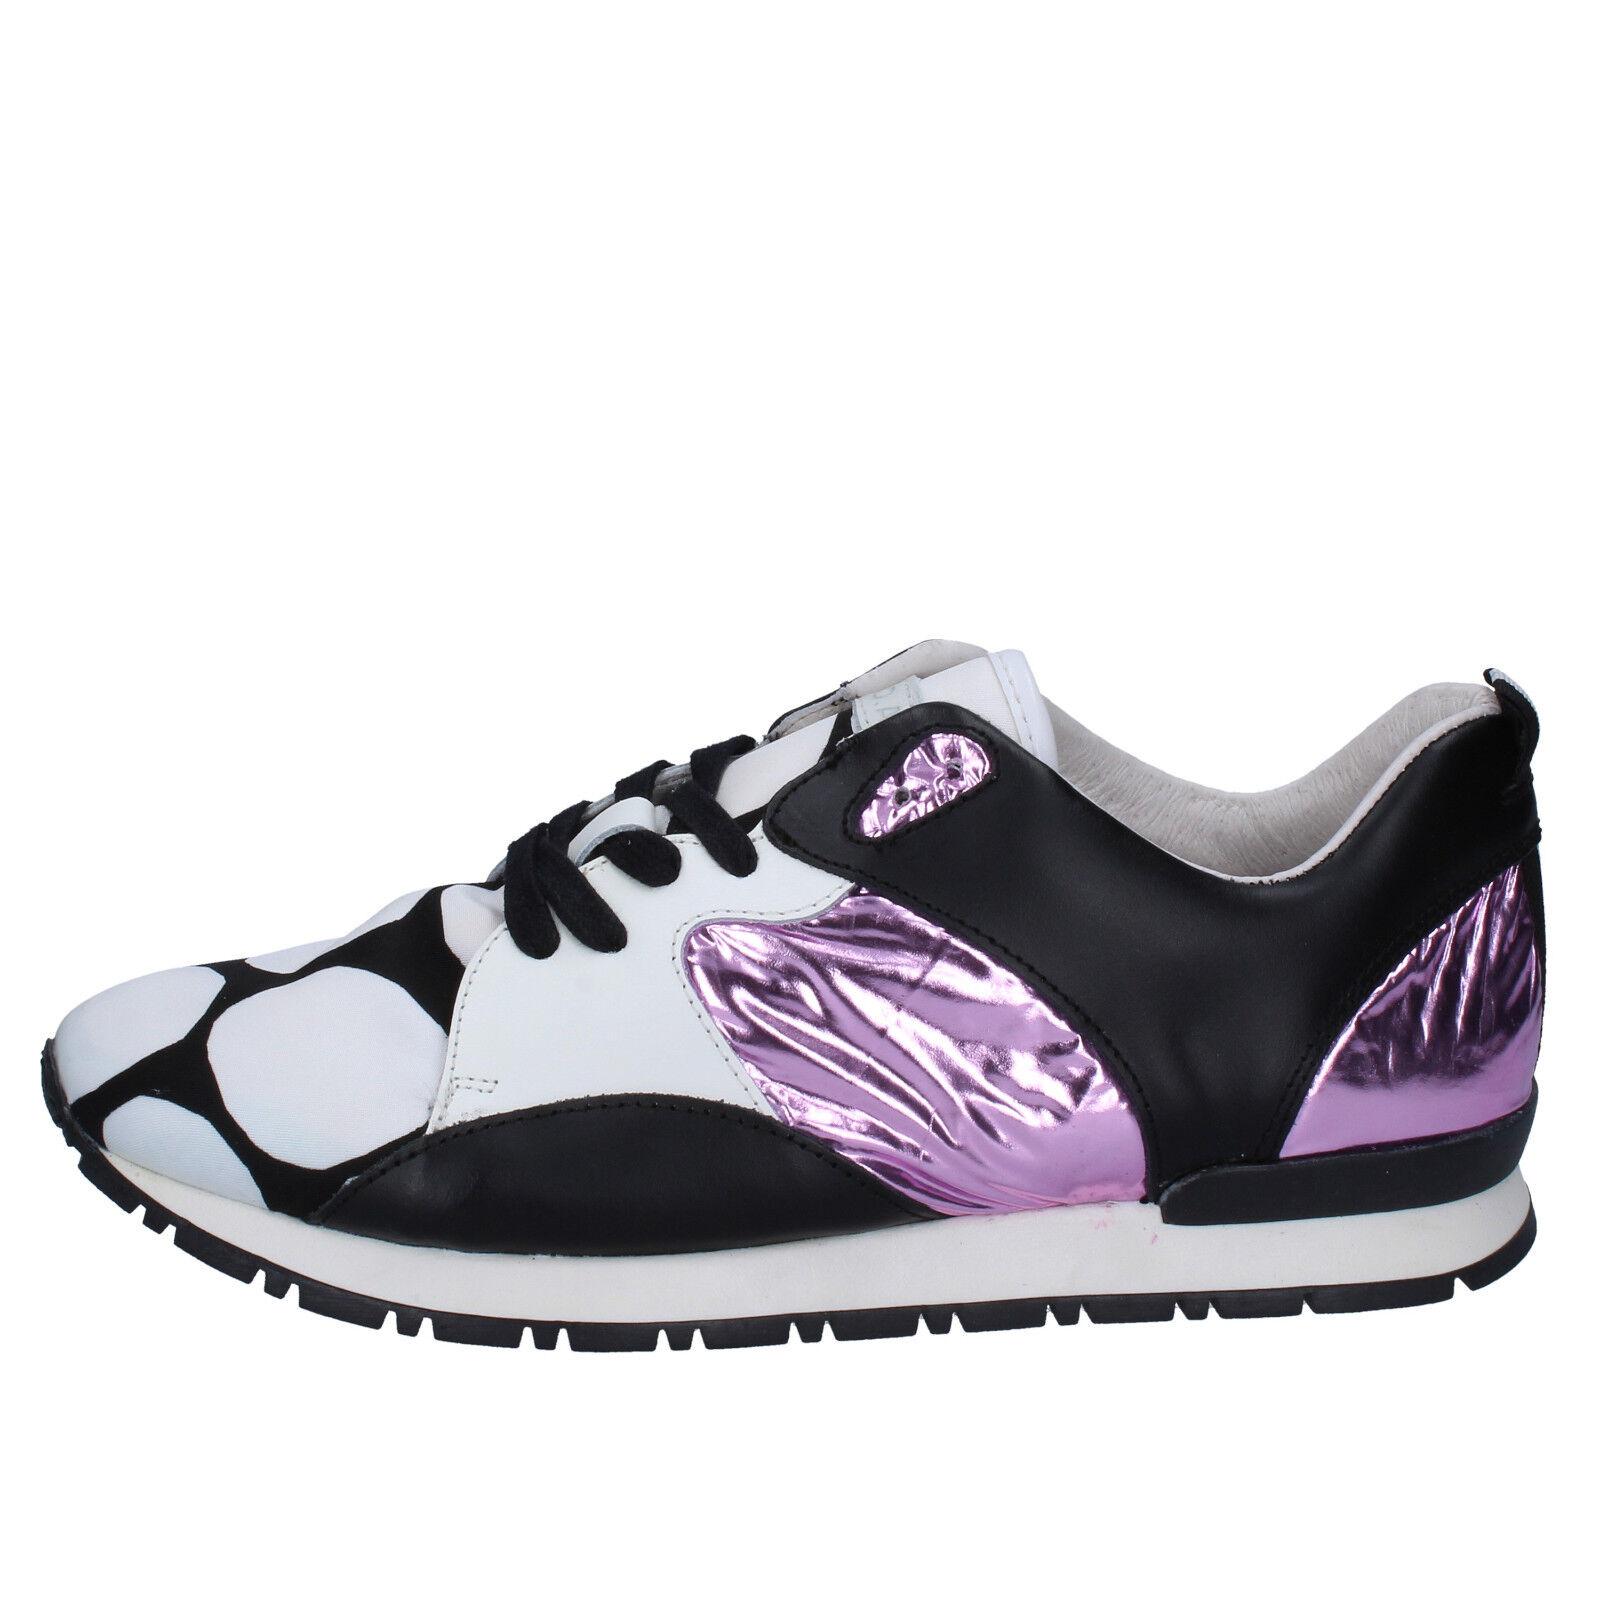 Damens's schuhe D.A.T.E. ( date ) 6 (EU 39) sneakers schwarz WEISS Leder BX72-39